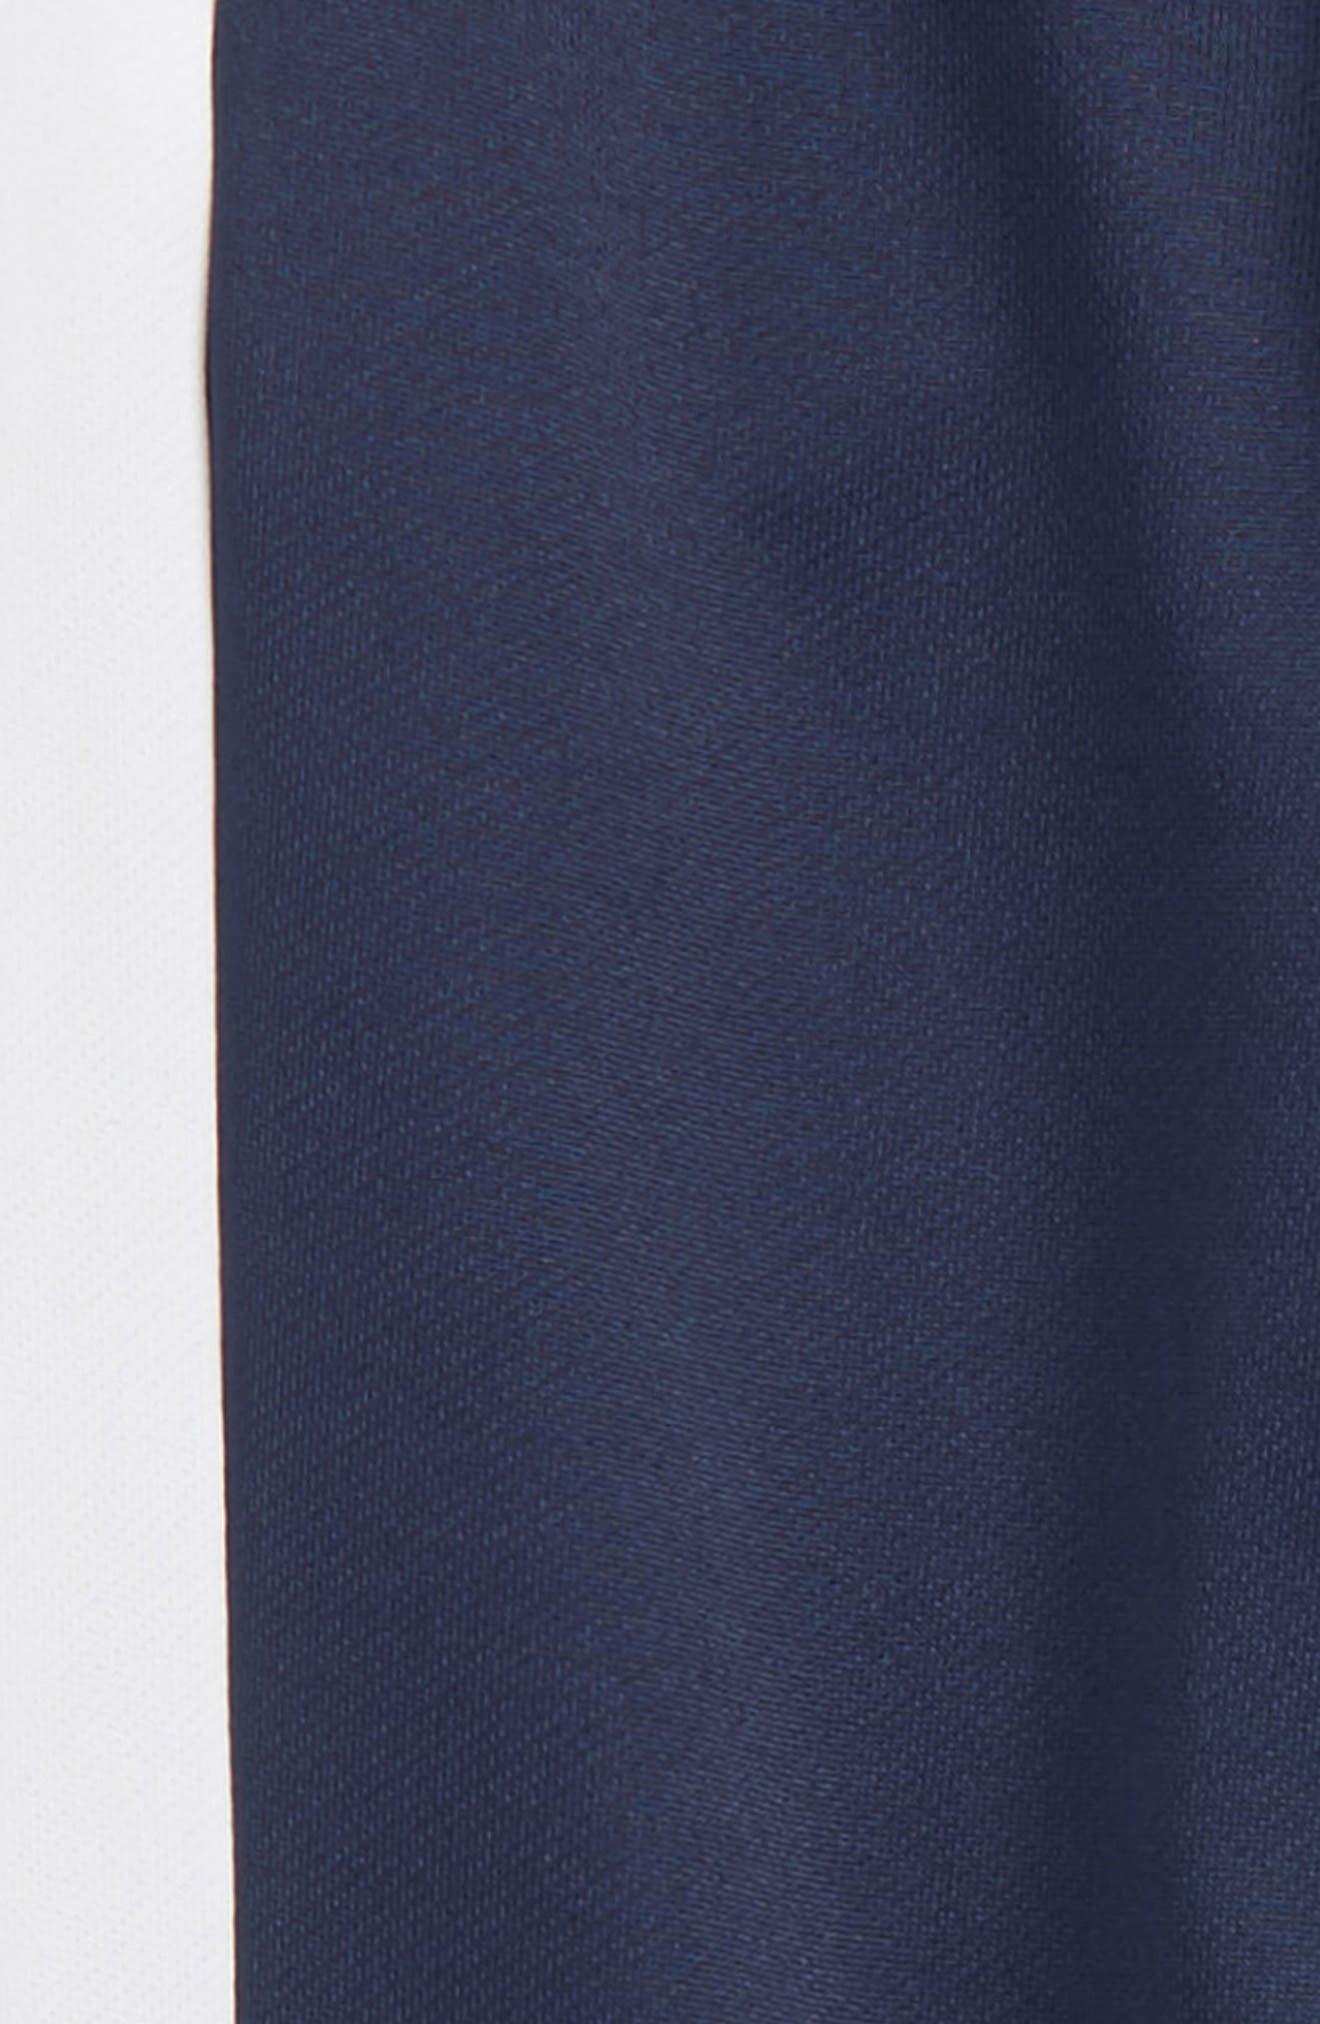 T7 Jogger Pants,                             Alternate thumbnail 4, color,